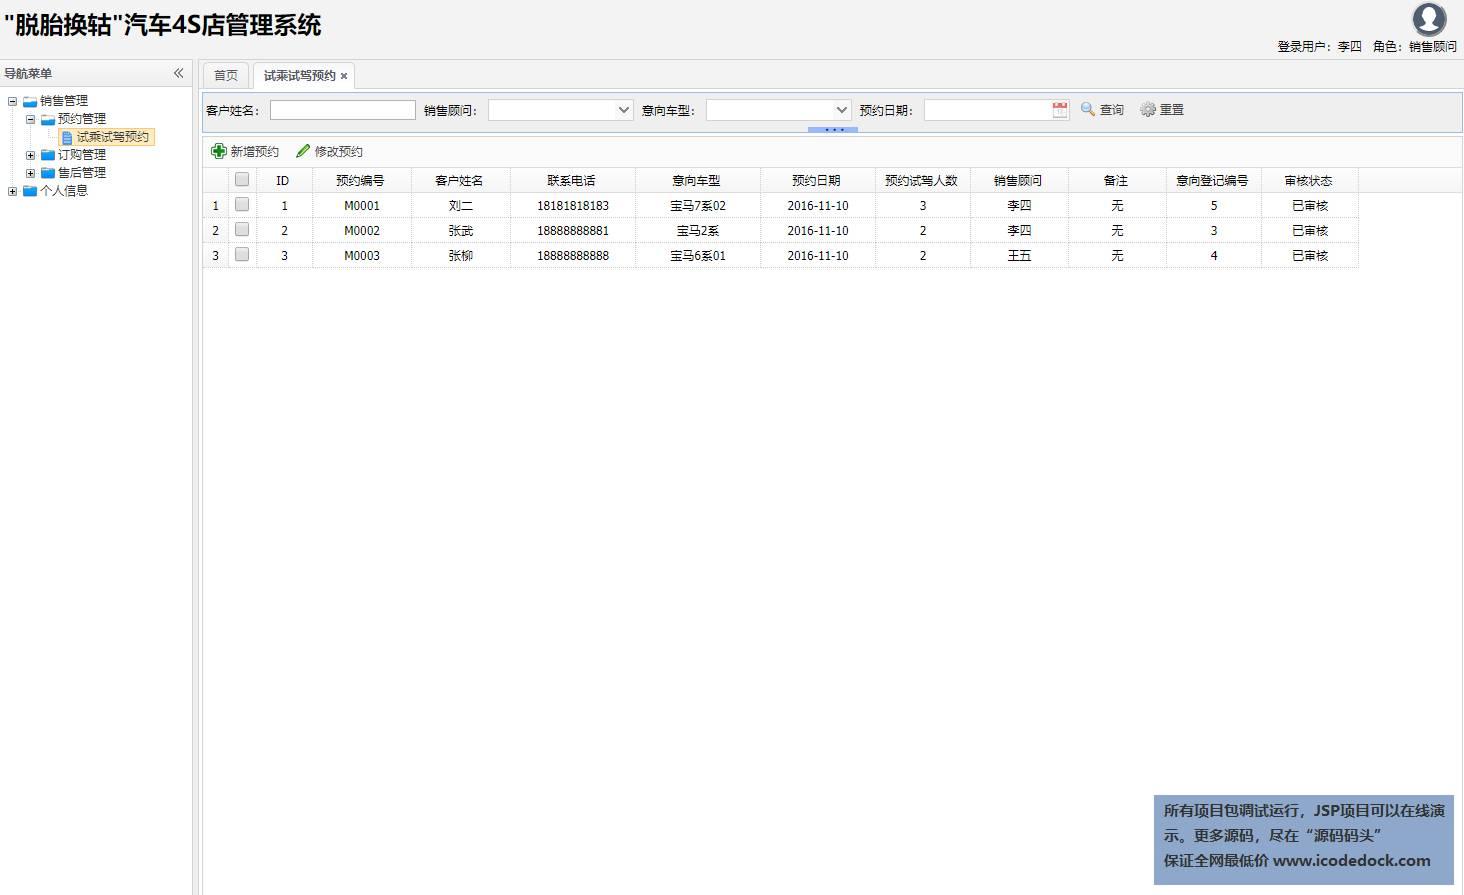 源码码头-SSH汽车4S店管理系统-销售顾问角色-预约管理